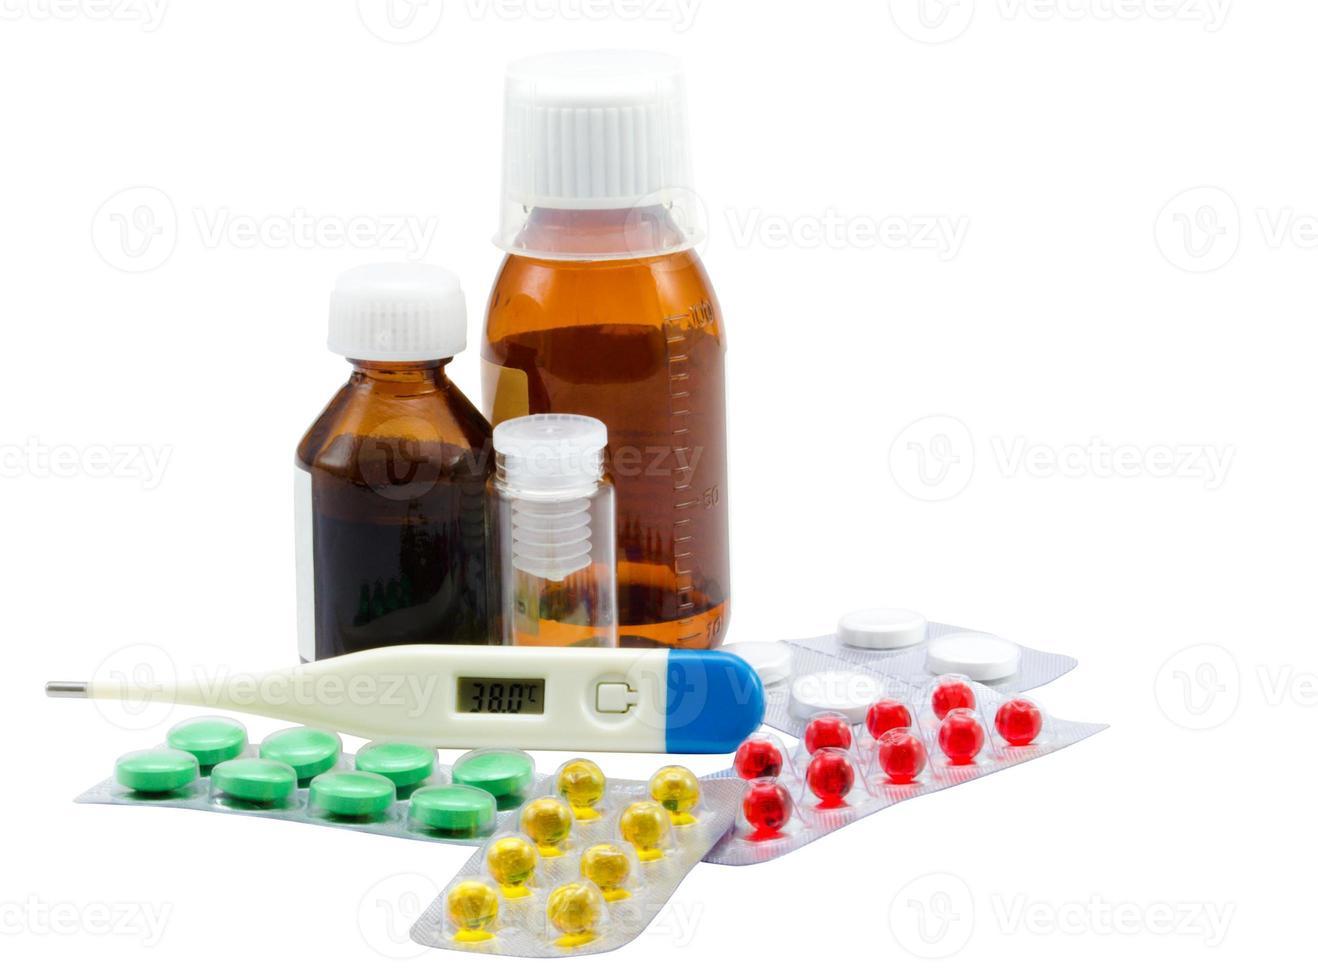 medicação foto